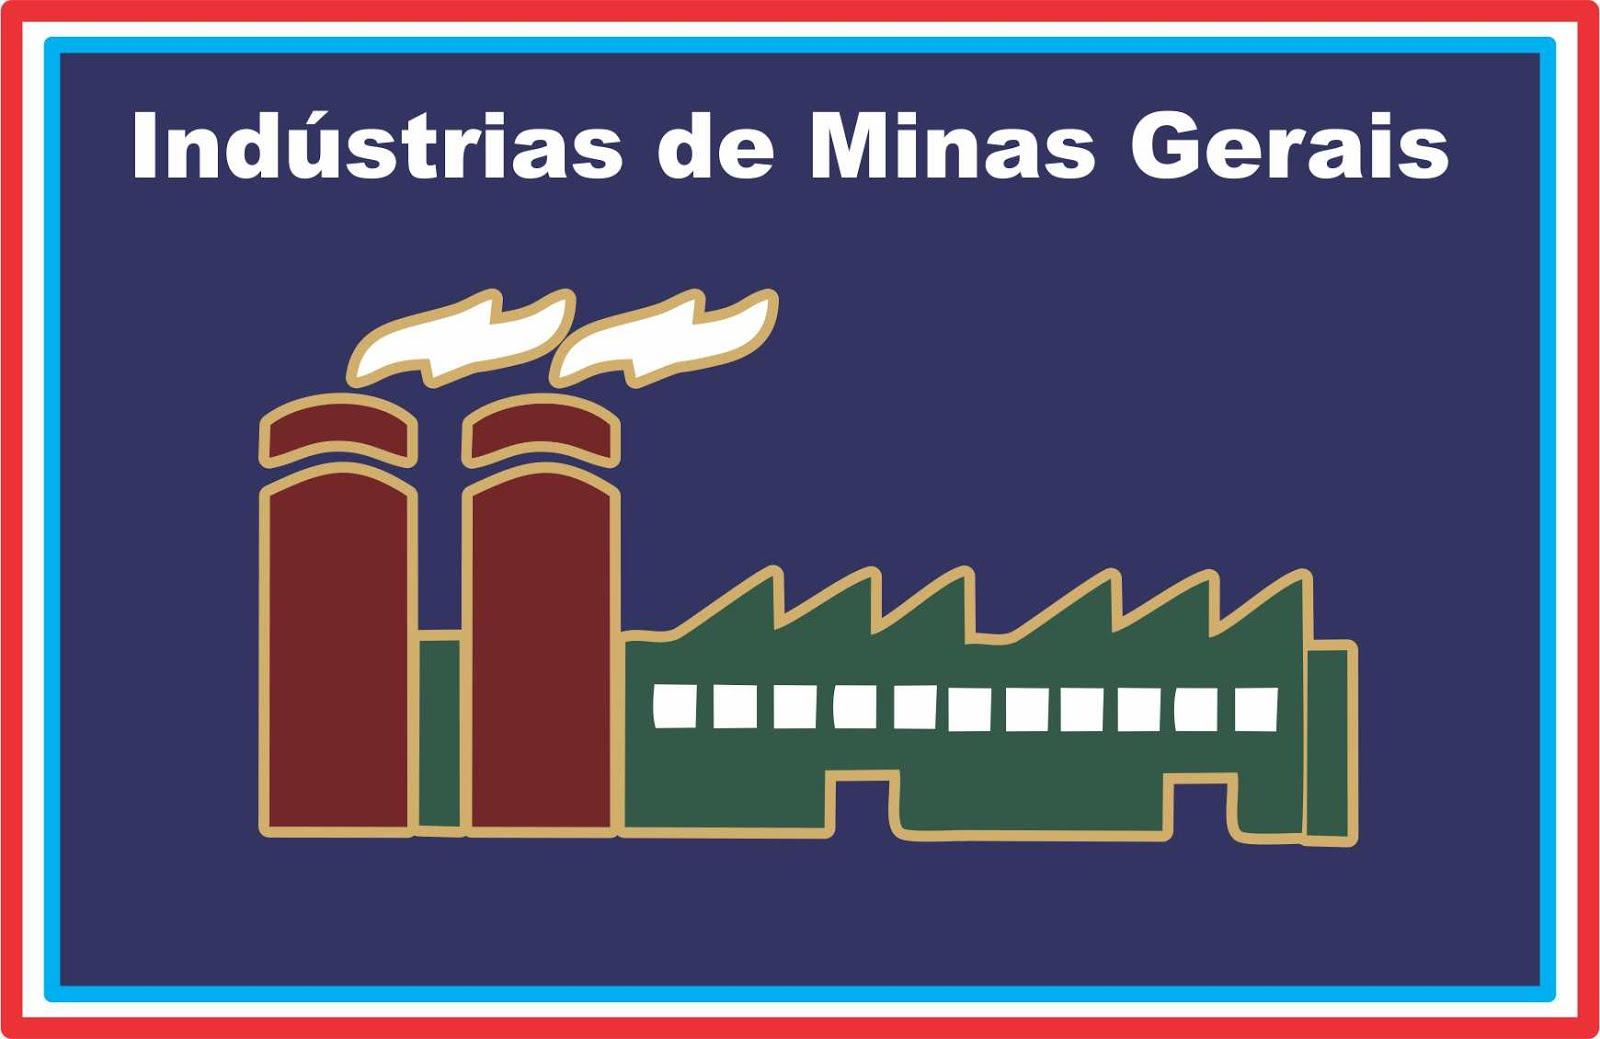 Indústrias do Estado de Minas Gerais